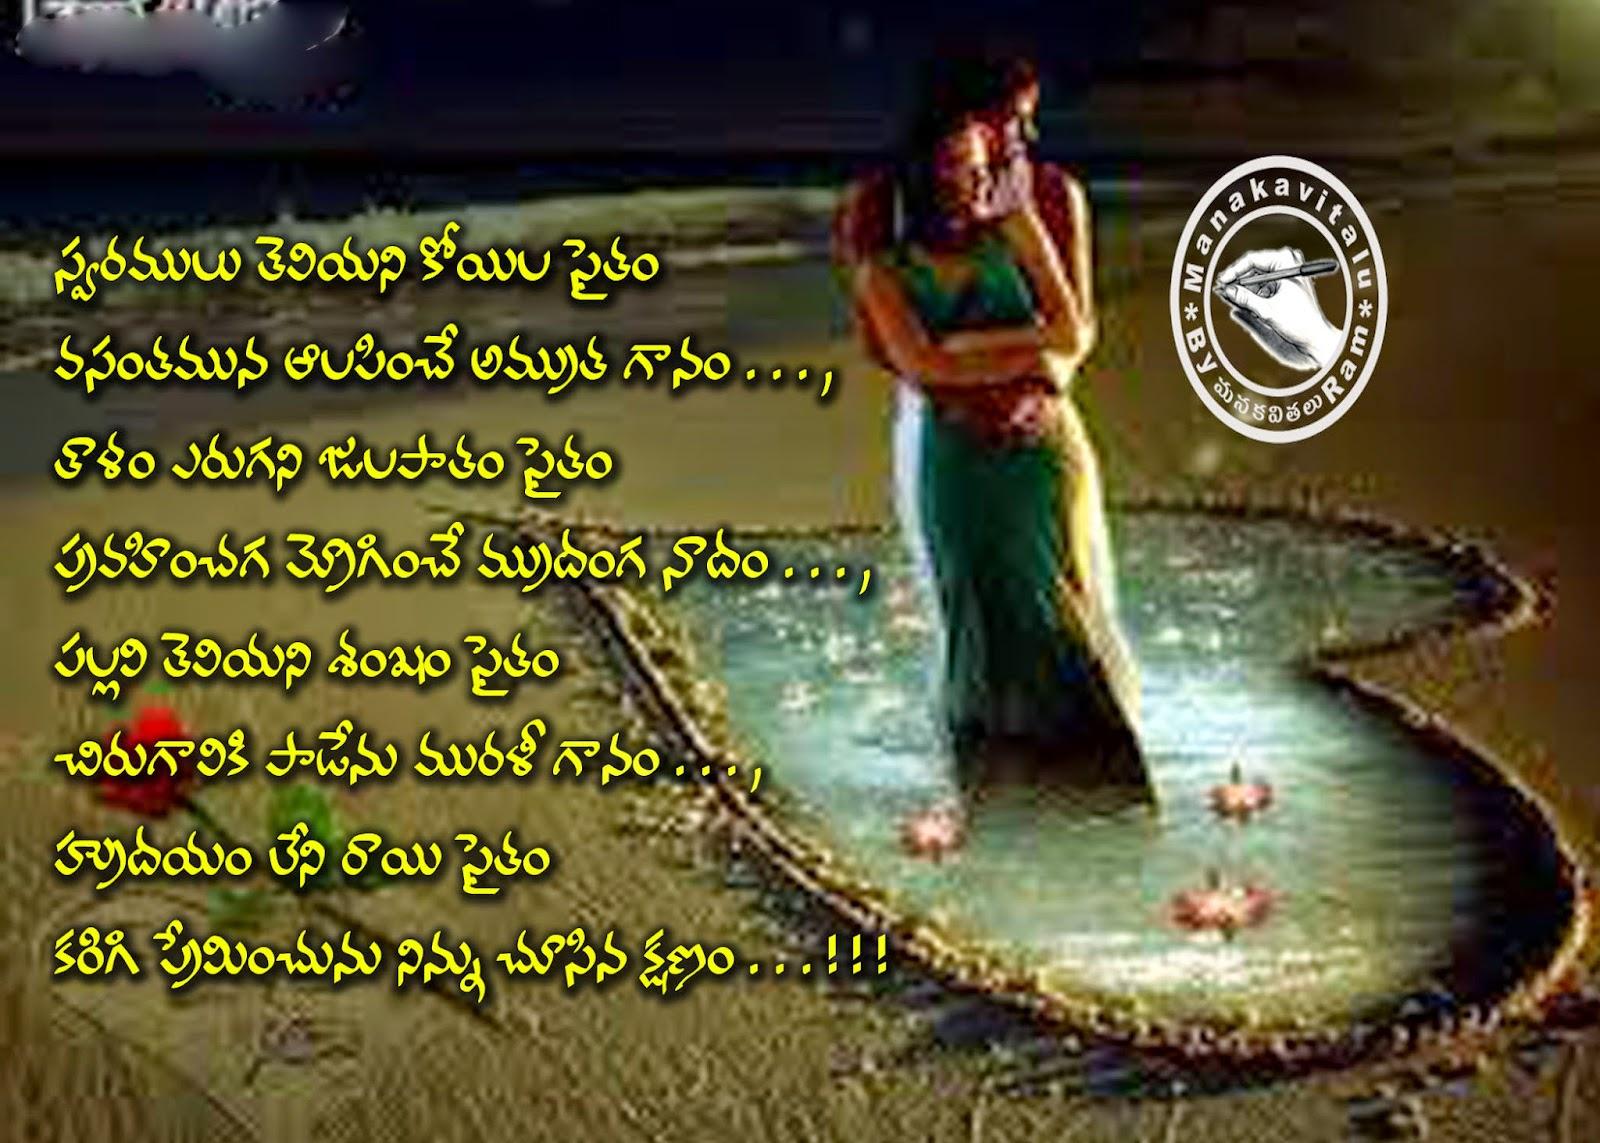 swaramulu teliyani koila telugu love poets on images